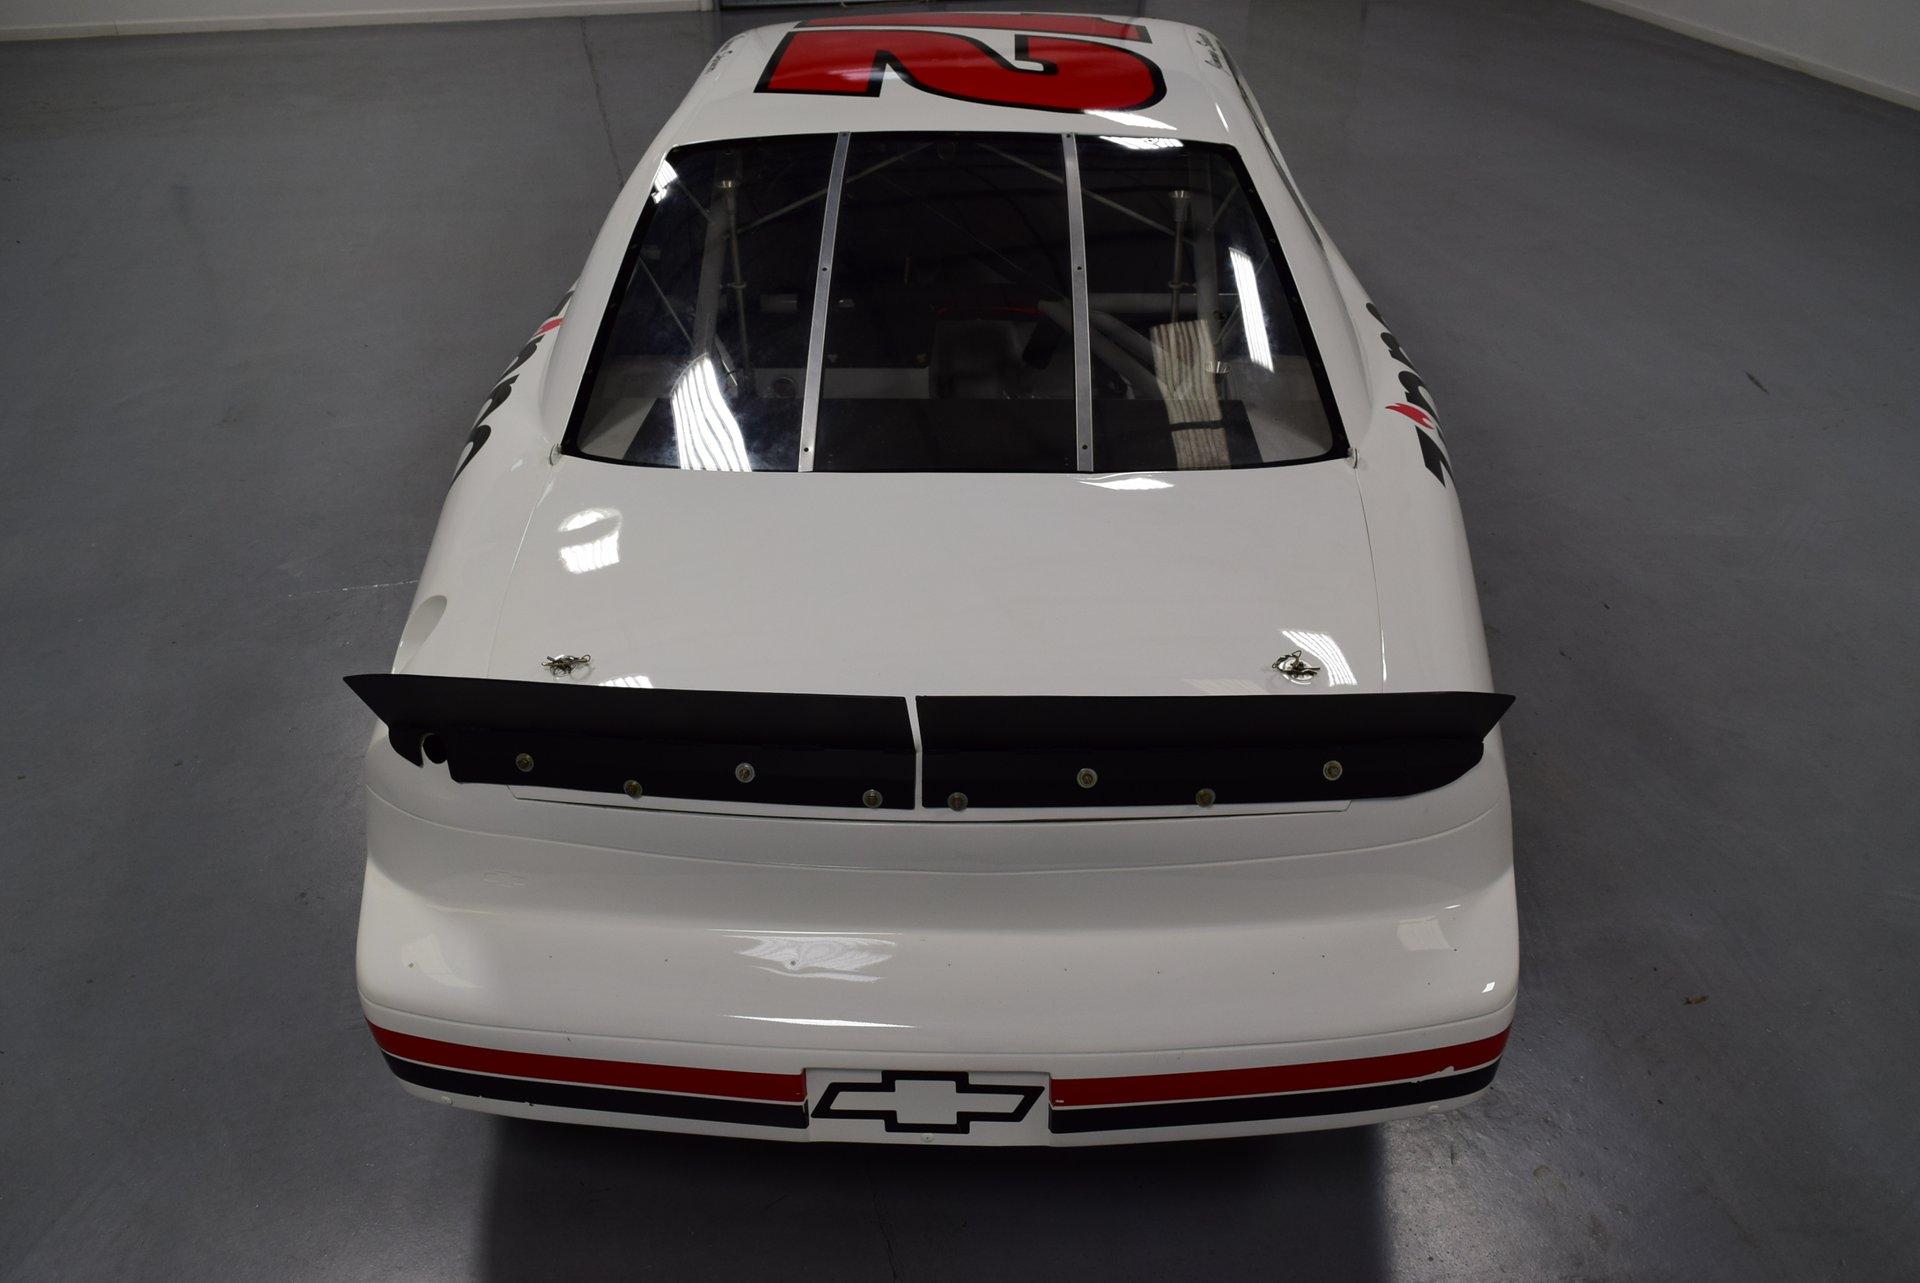 1999 Chevrolet Monte Carlo For Sale